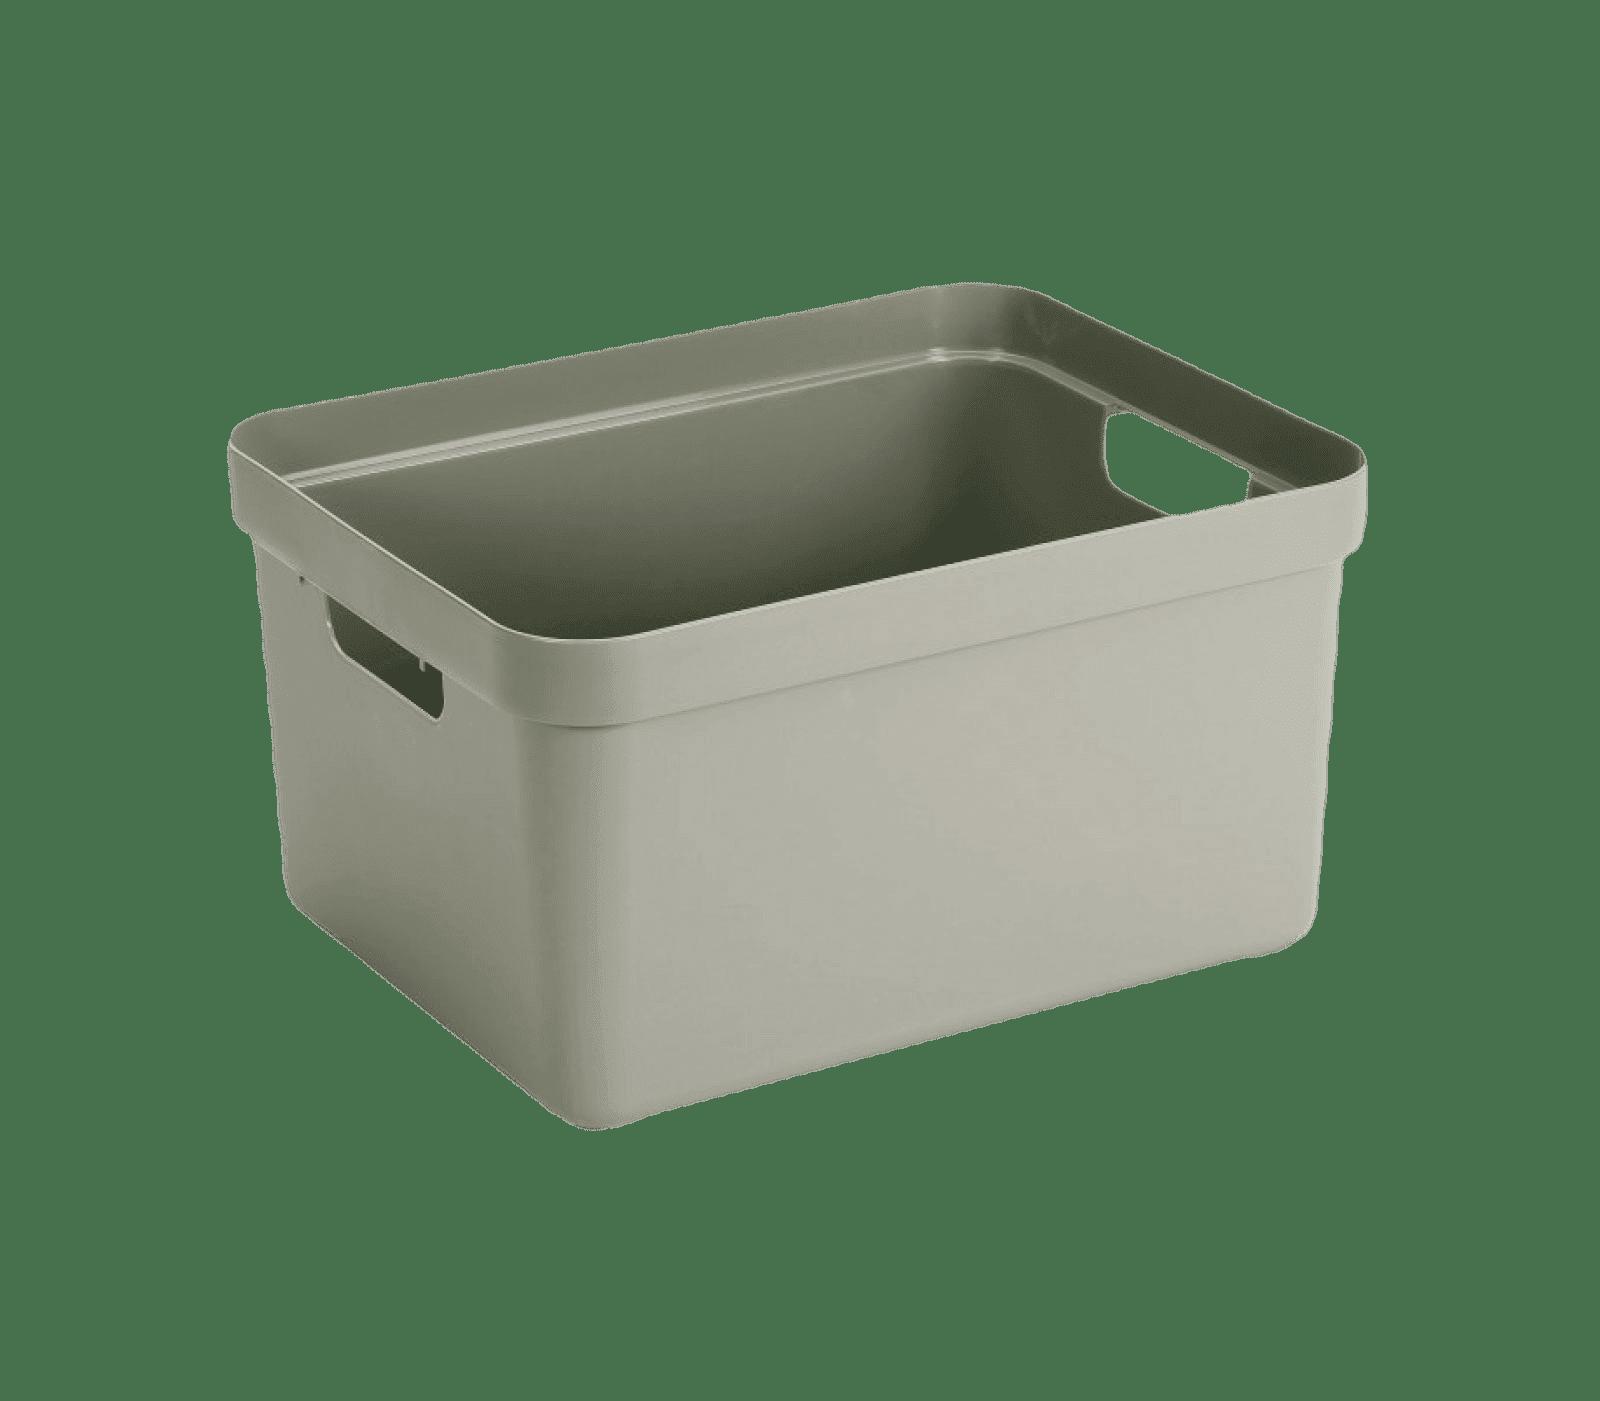 Sigma home box